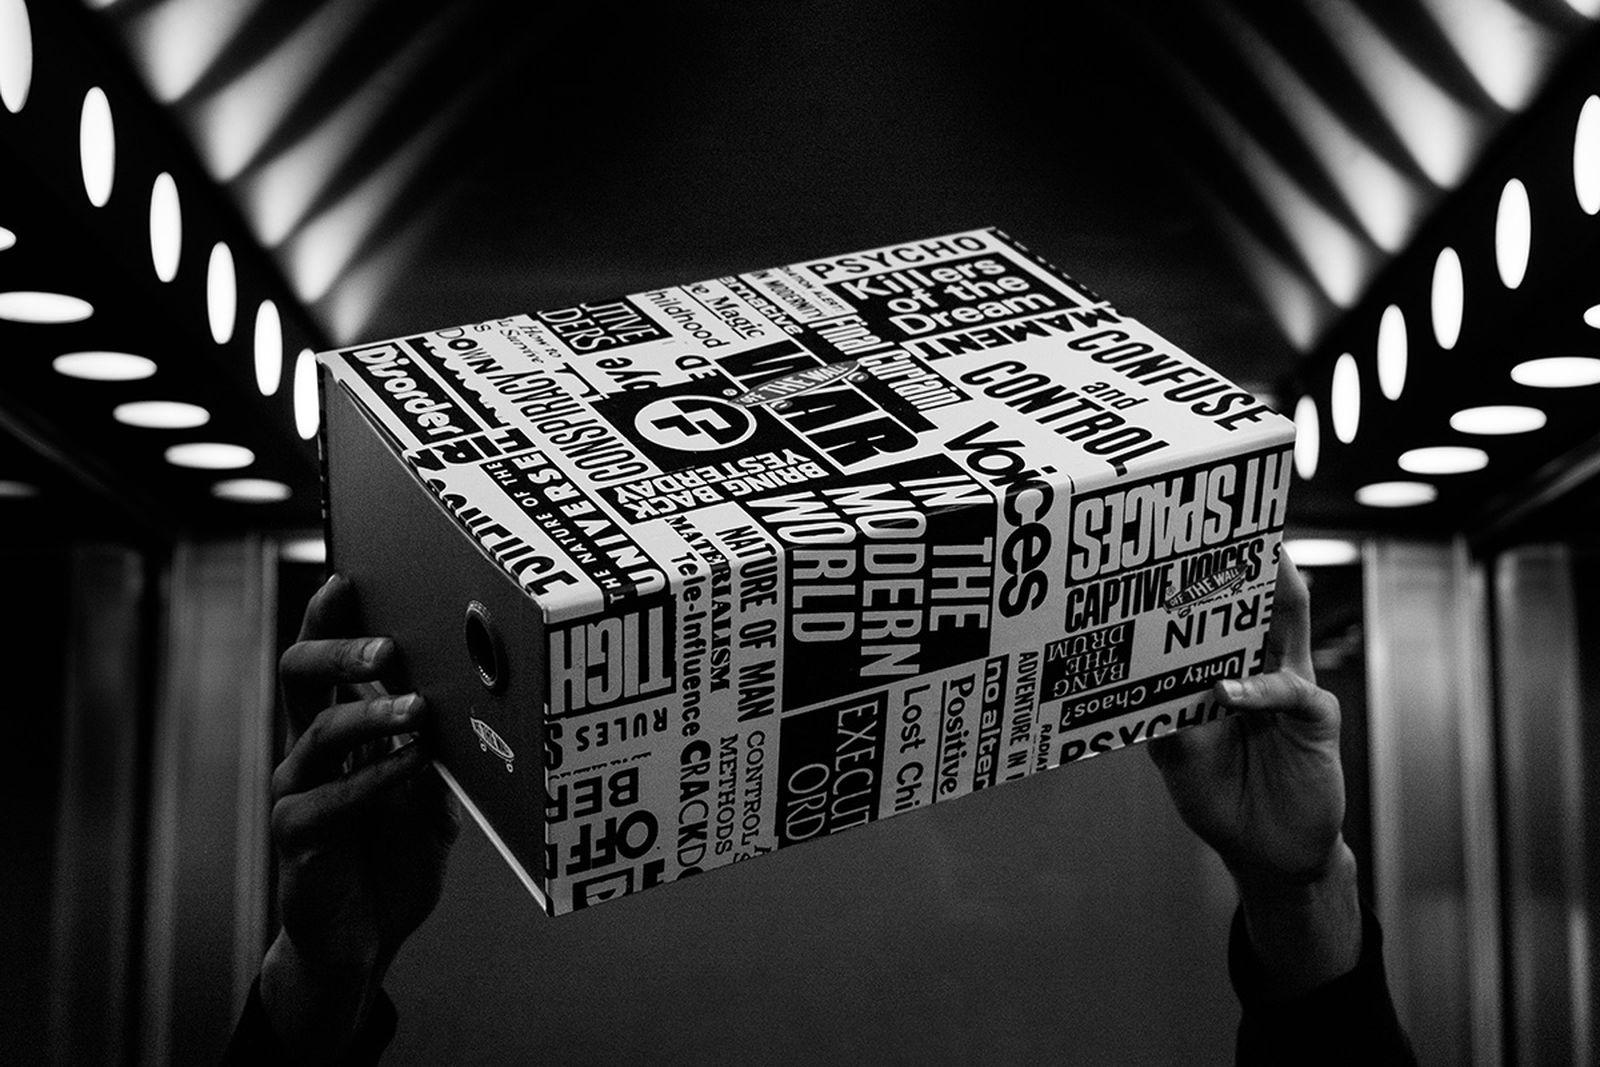 Firmament x Vans sneaker box